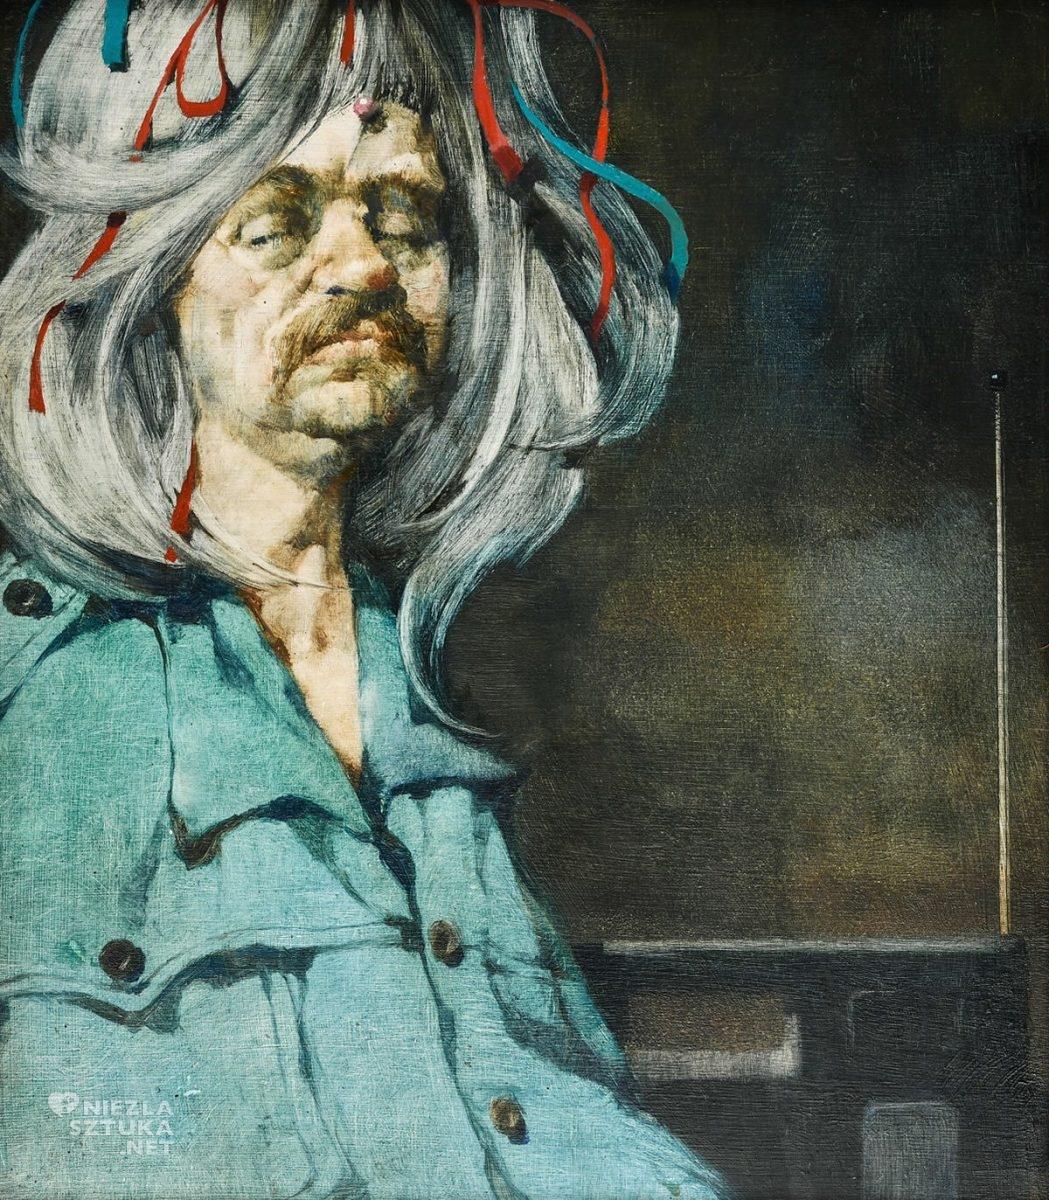 Jerzy Duda-Gracz, Autoportret w peruce Incognito ergo sum, sztuka współczesna, sztuka polska, Niezła Sztuka